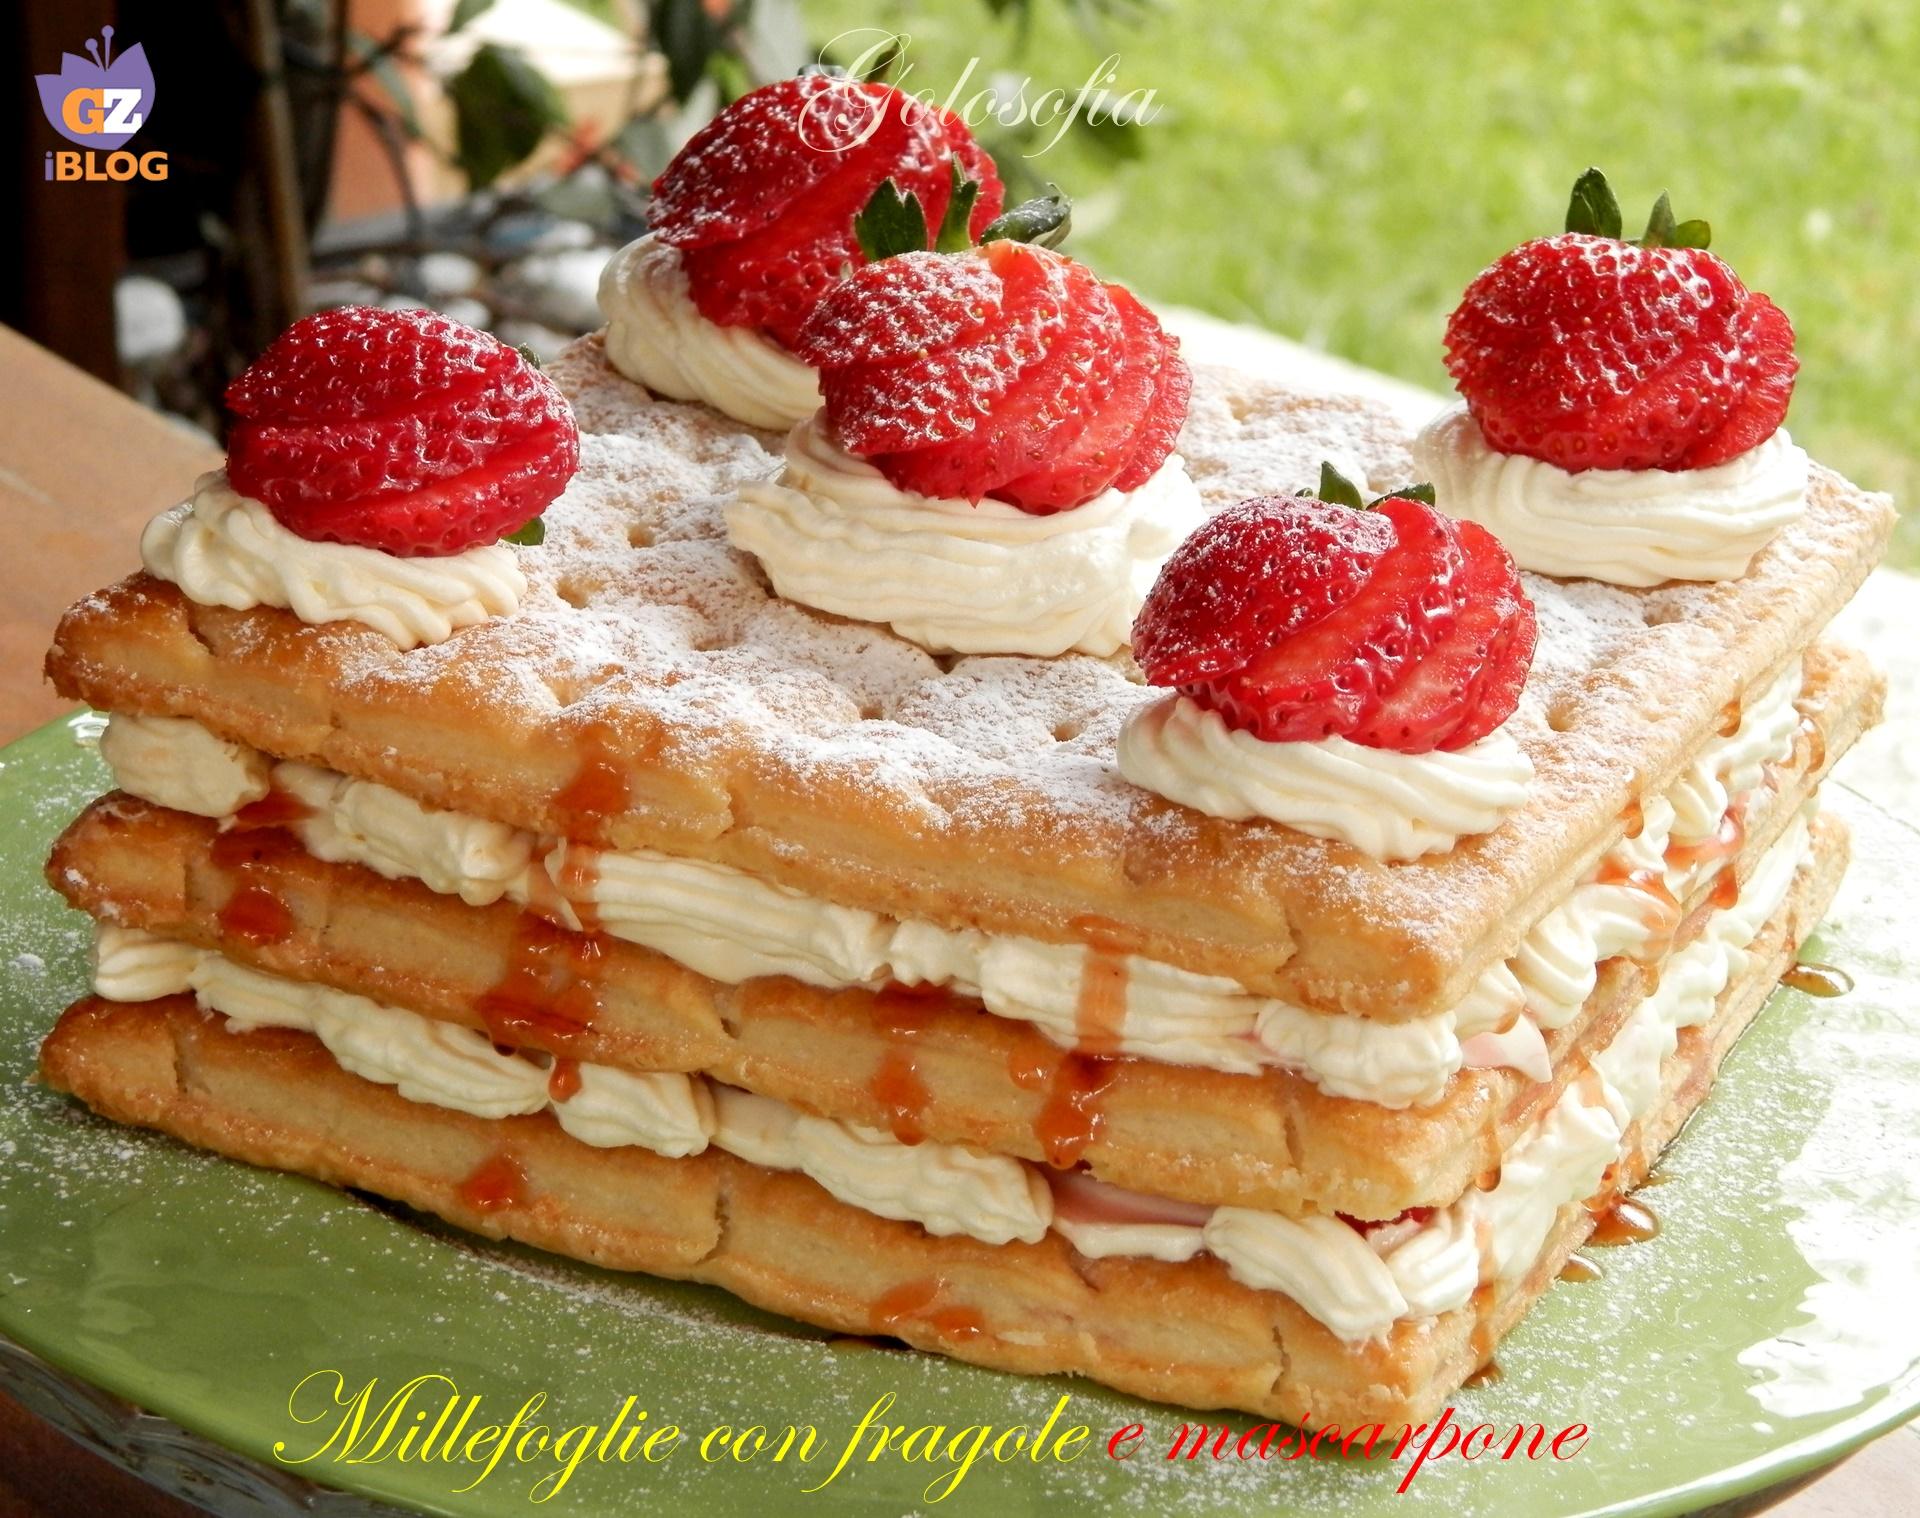 Millefoglie con fragole e mascarpone ricetta golosissima for Decorazione torte millefoglie